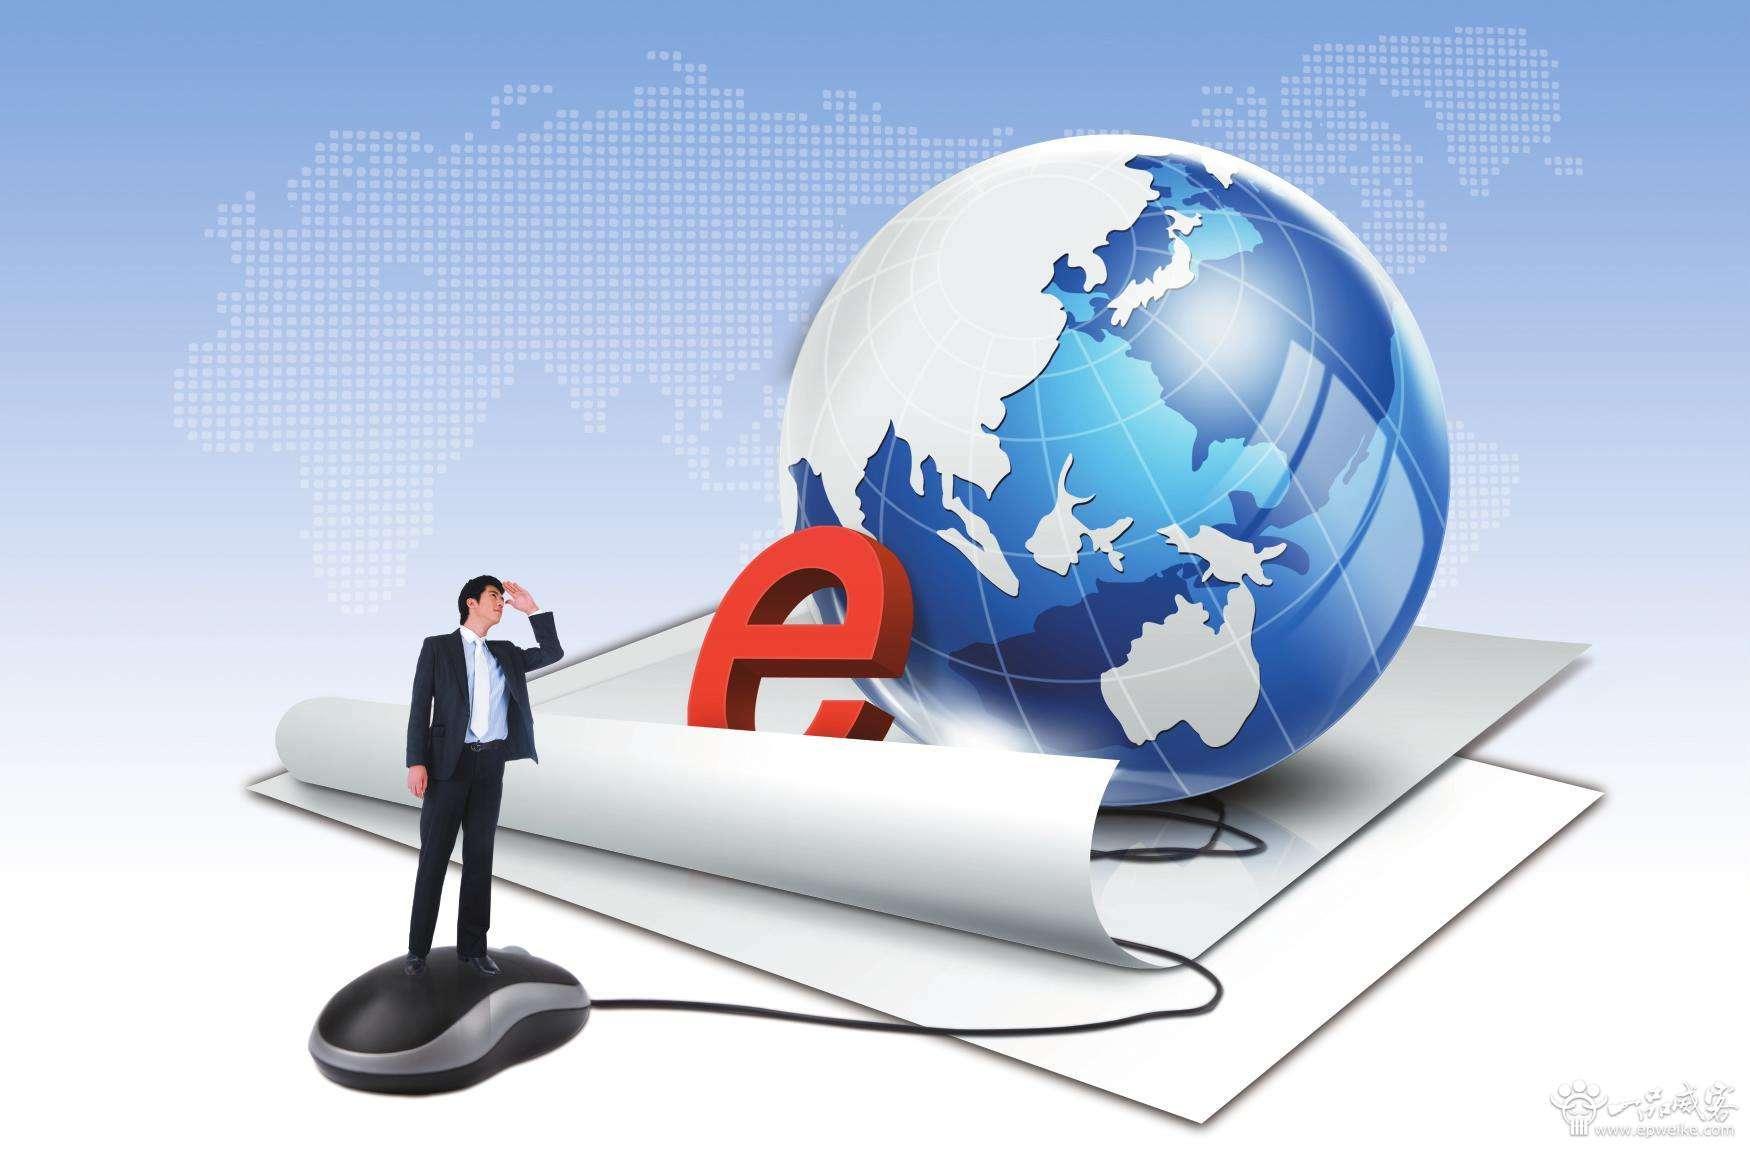 五金机电市场电商运营高效解决营销困扰